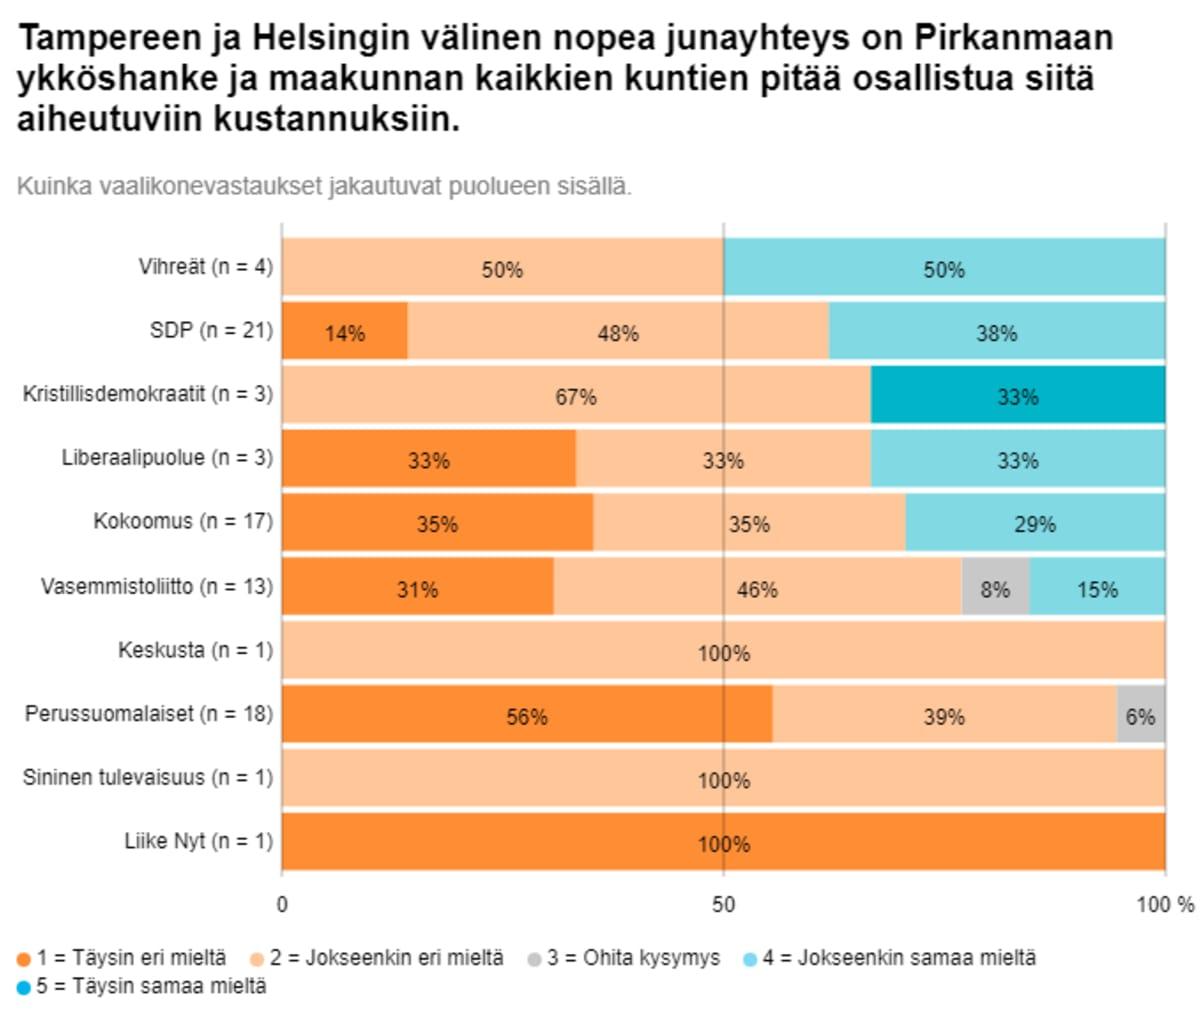 Grafiikka valkeakoskelaisten kuntavaaliehdokkaiden nopeaa junayhteyttä koskevien vastausten jakaumasta eri puolueissa.